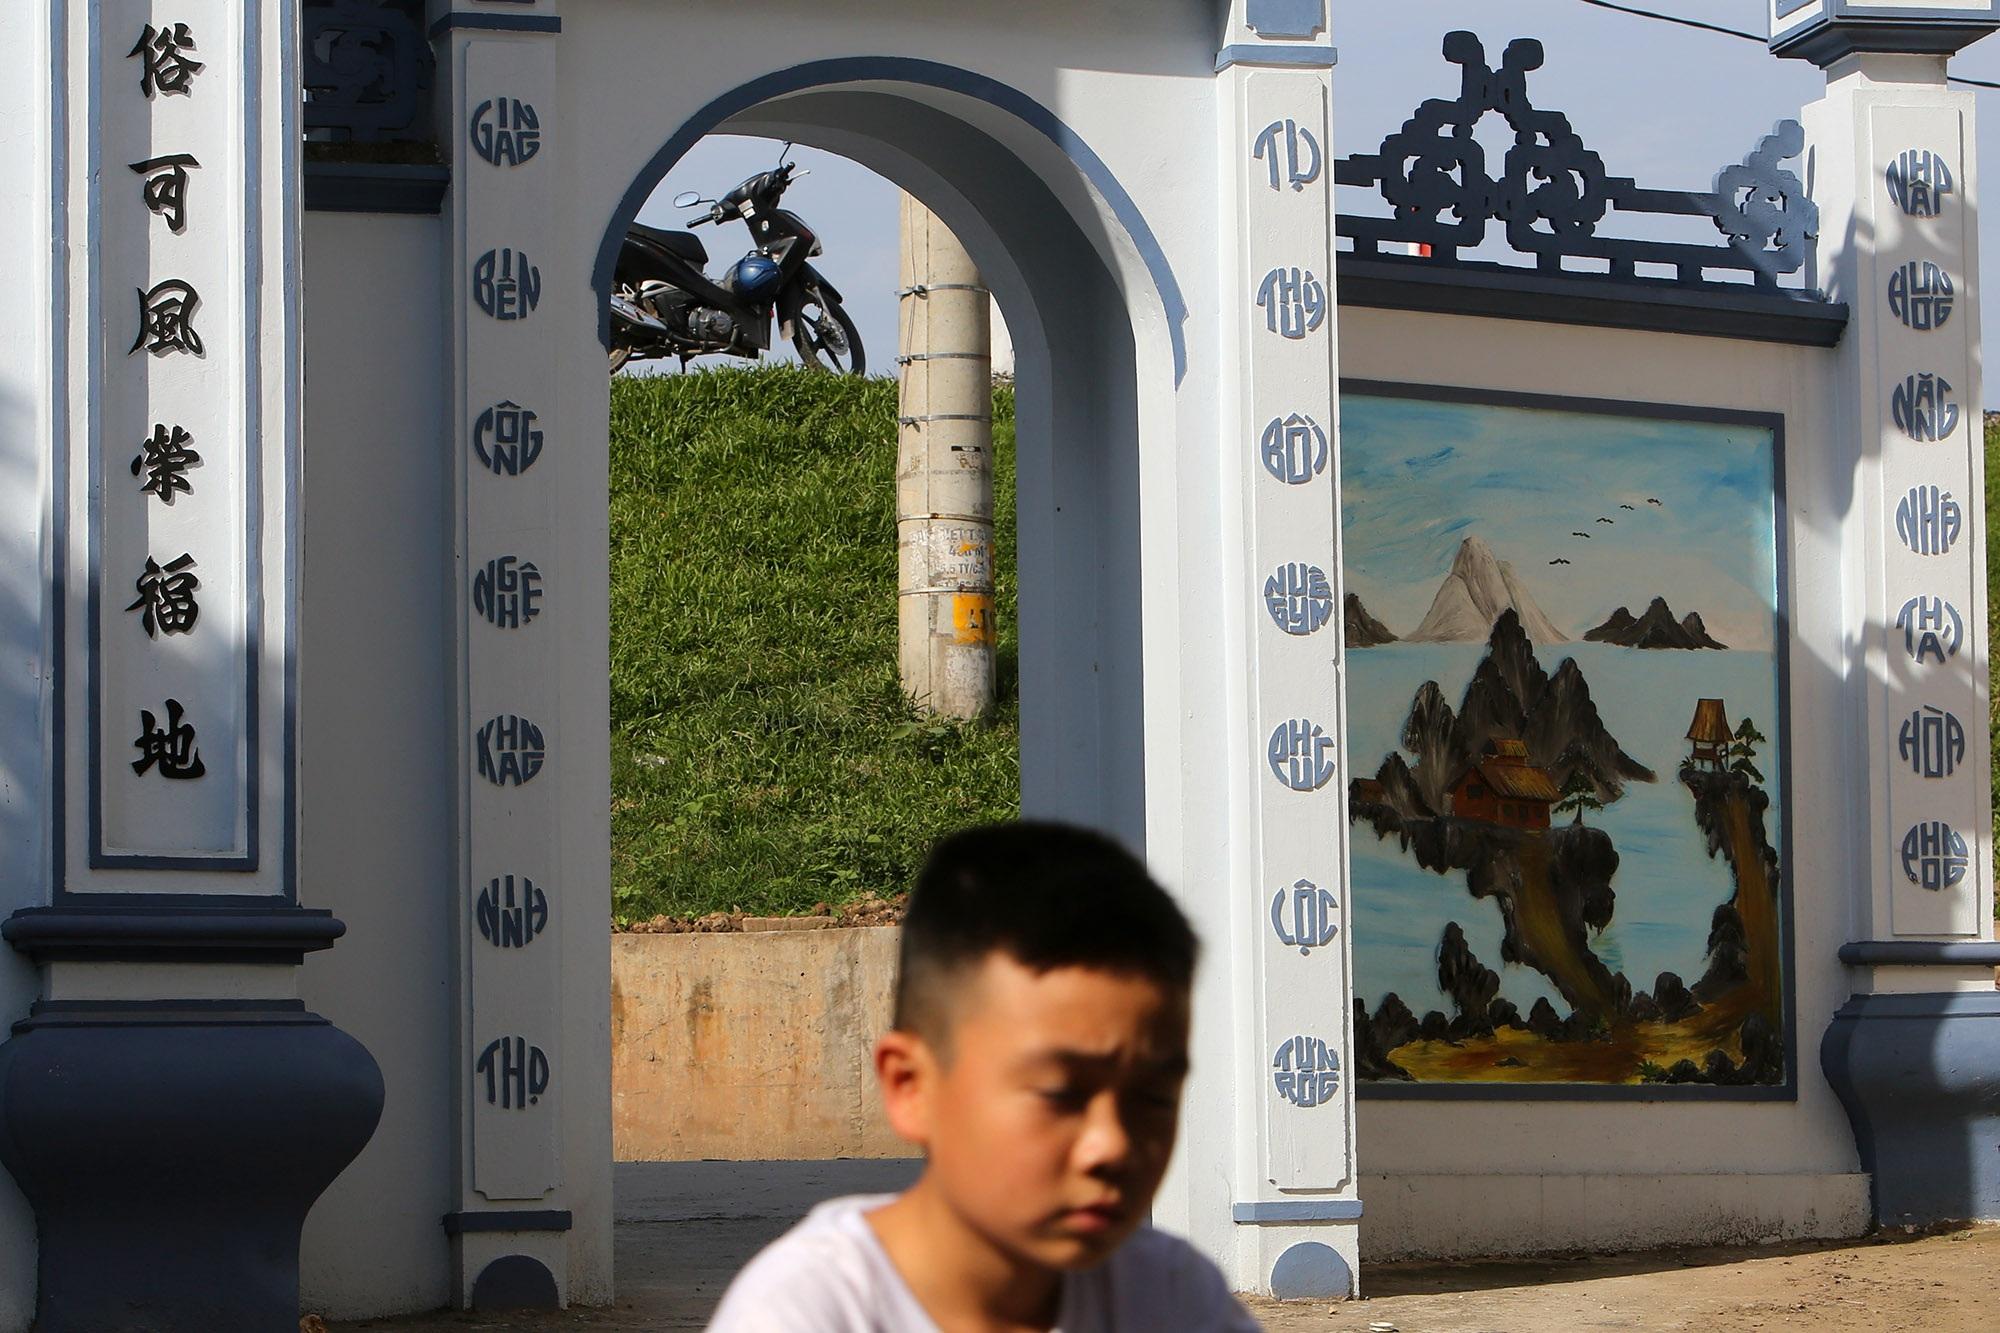 Vùng đất có nhiều cổng làng khủng - 2